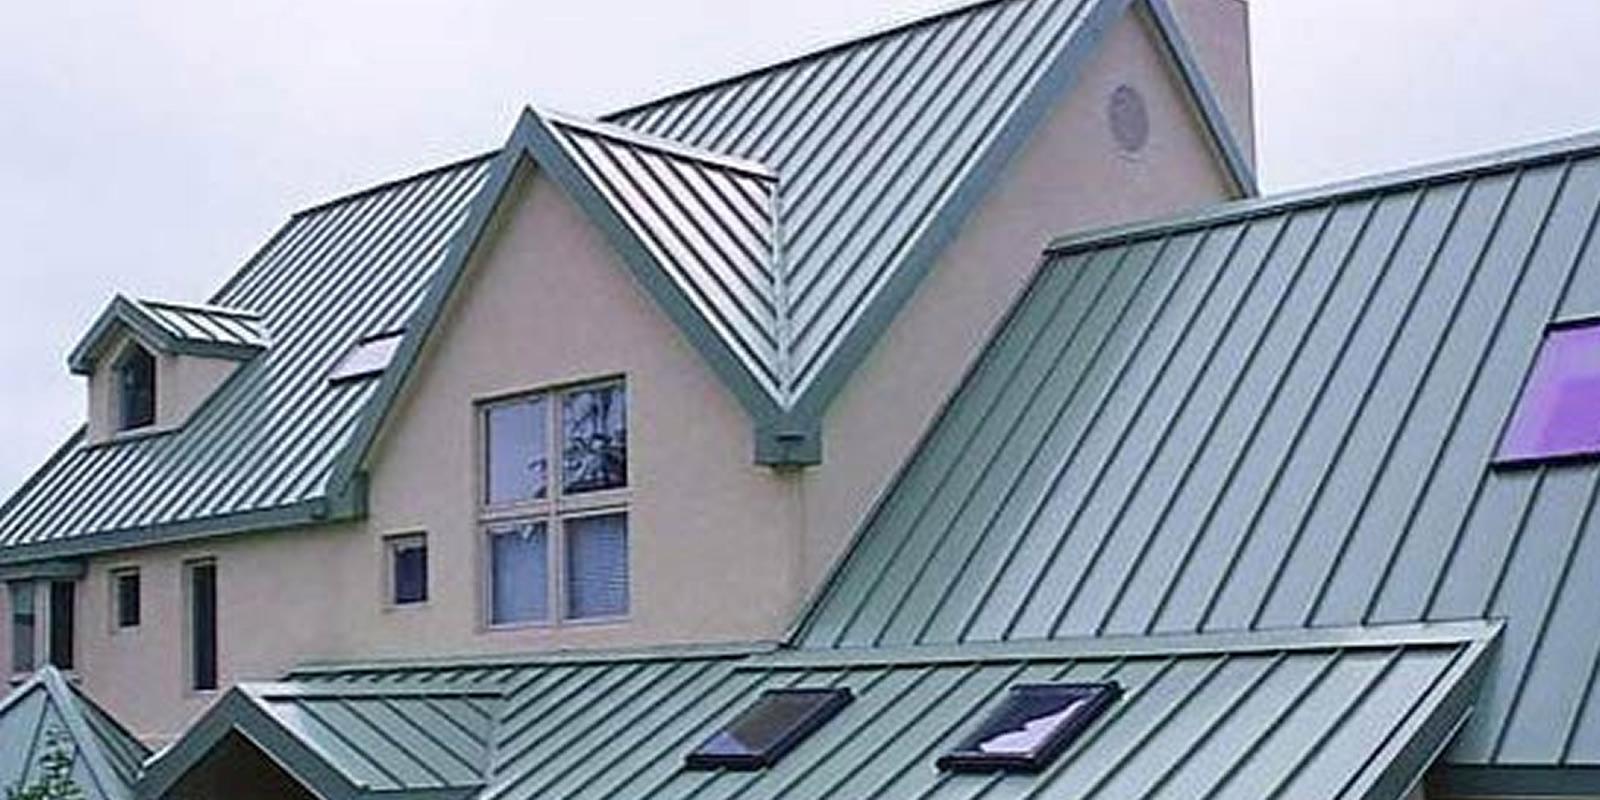 Профнастил для покрытия крыши жилища